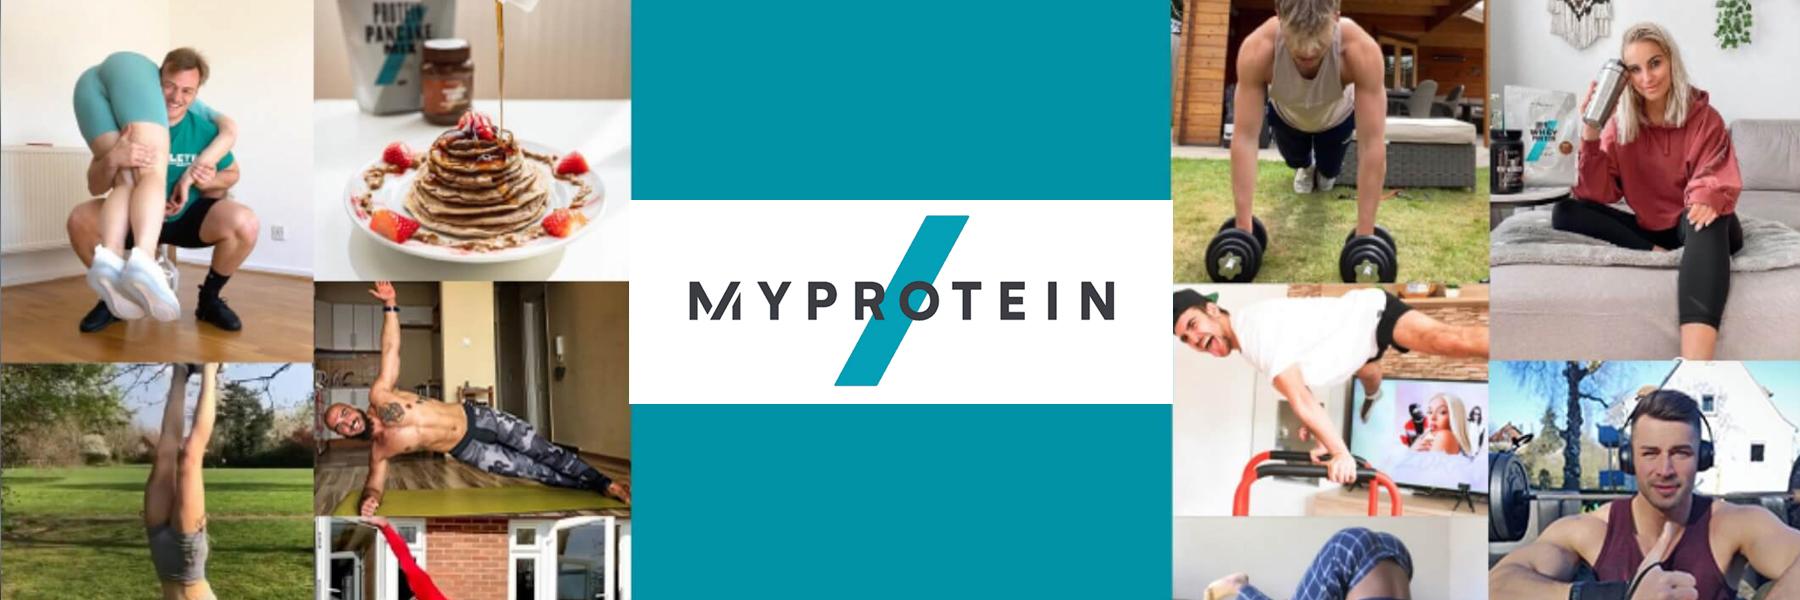 Grandes descuentos en MyProtein